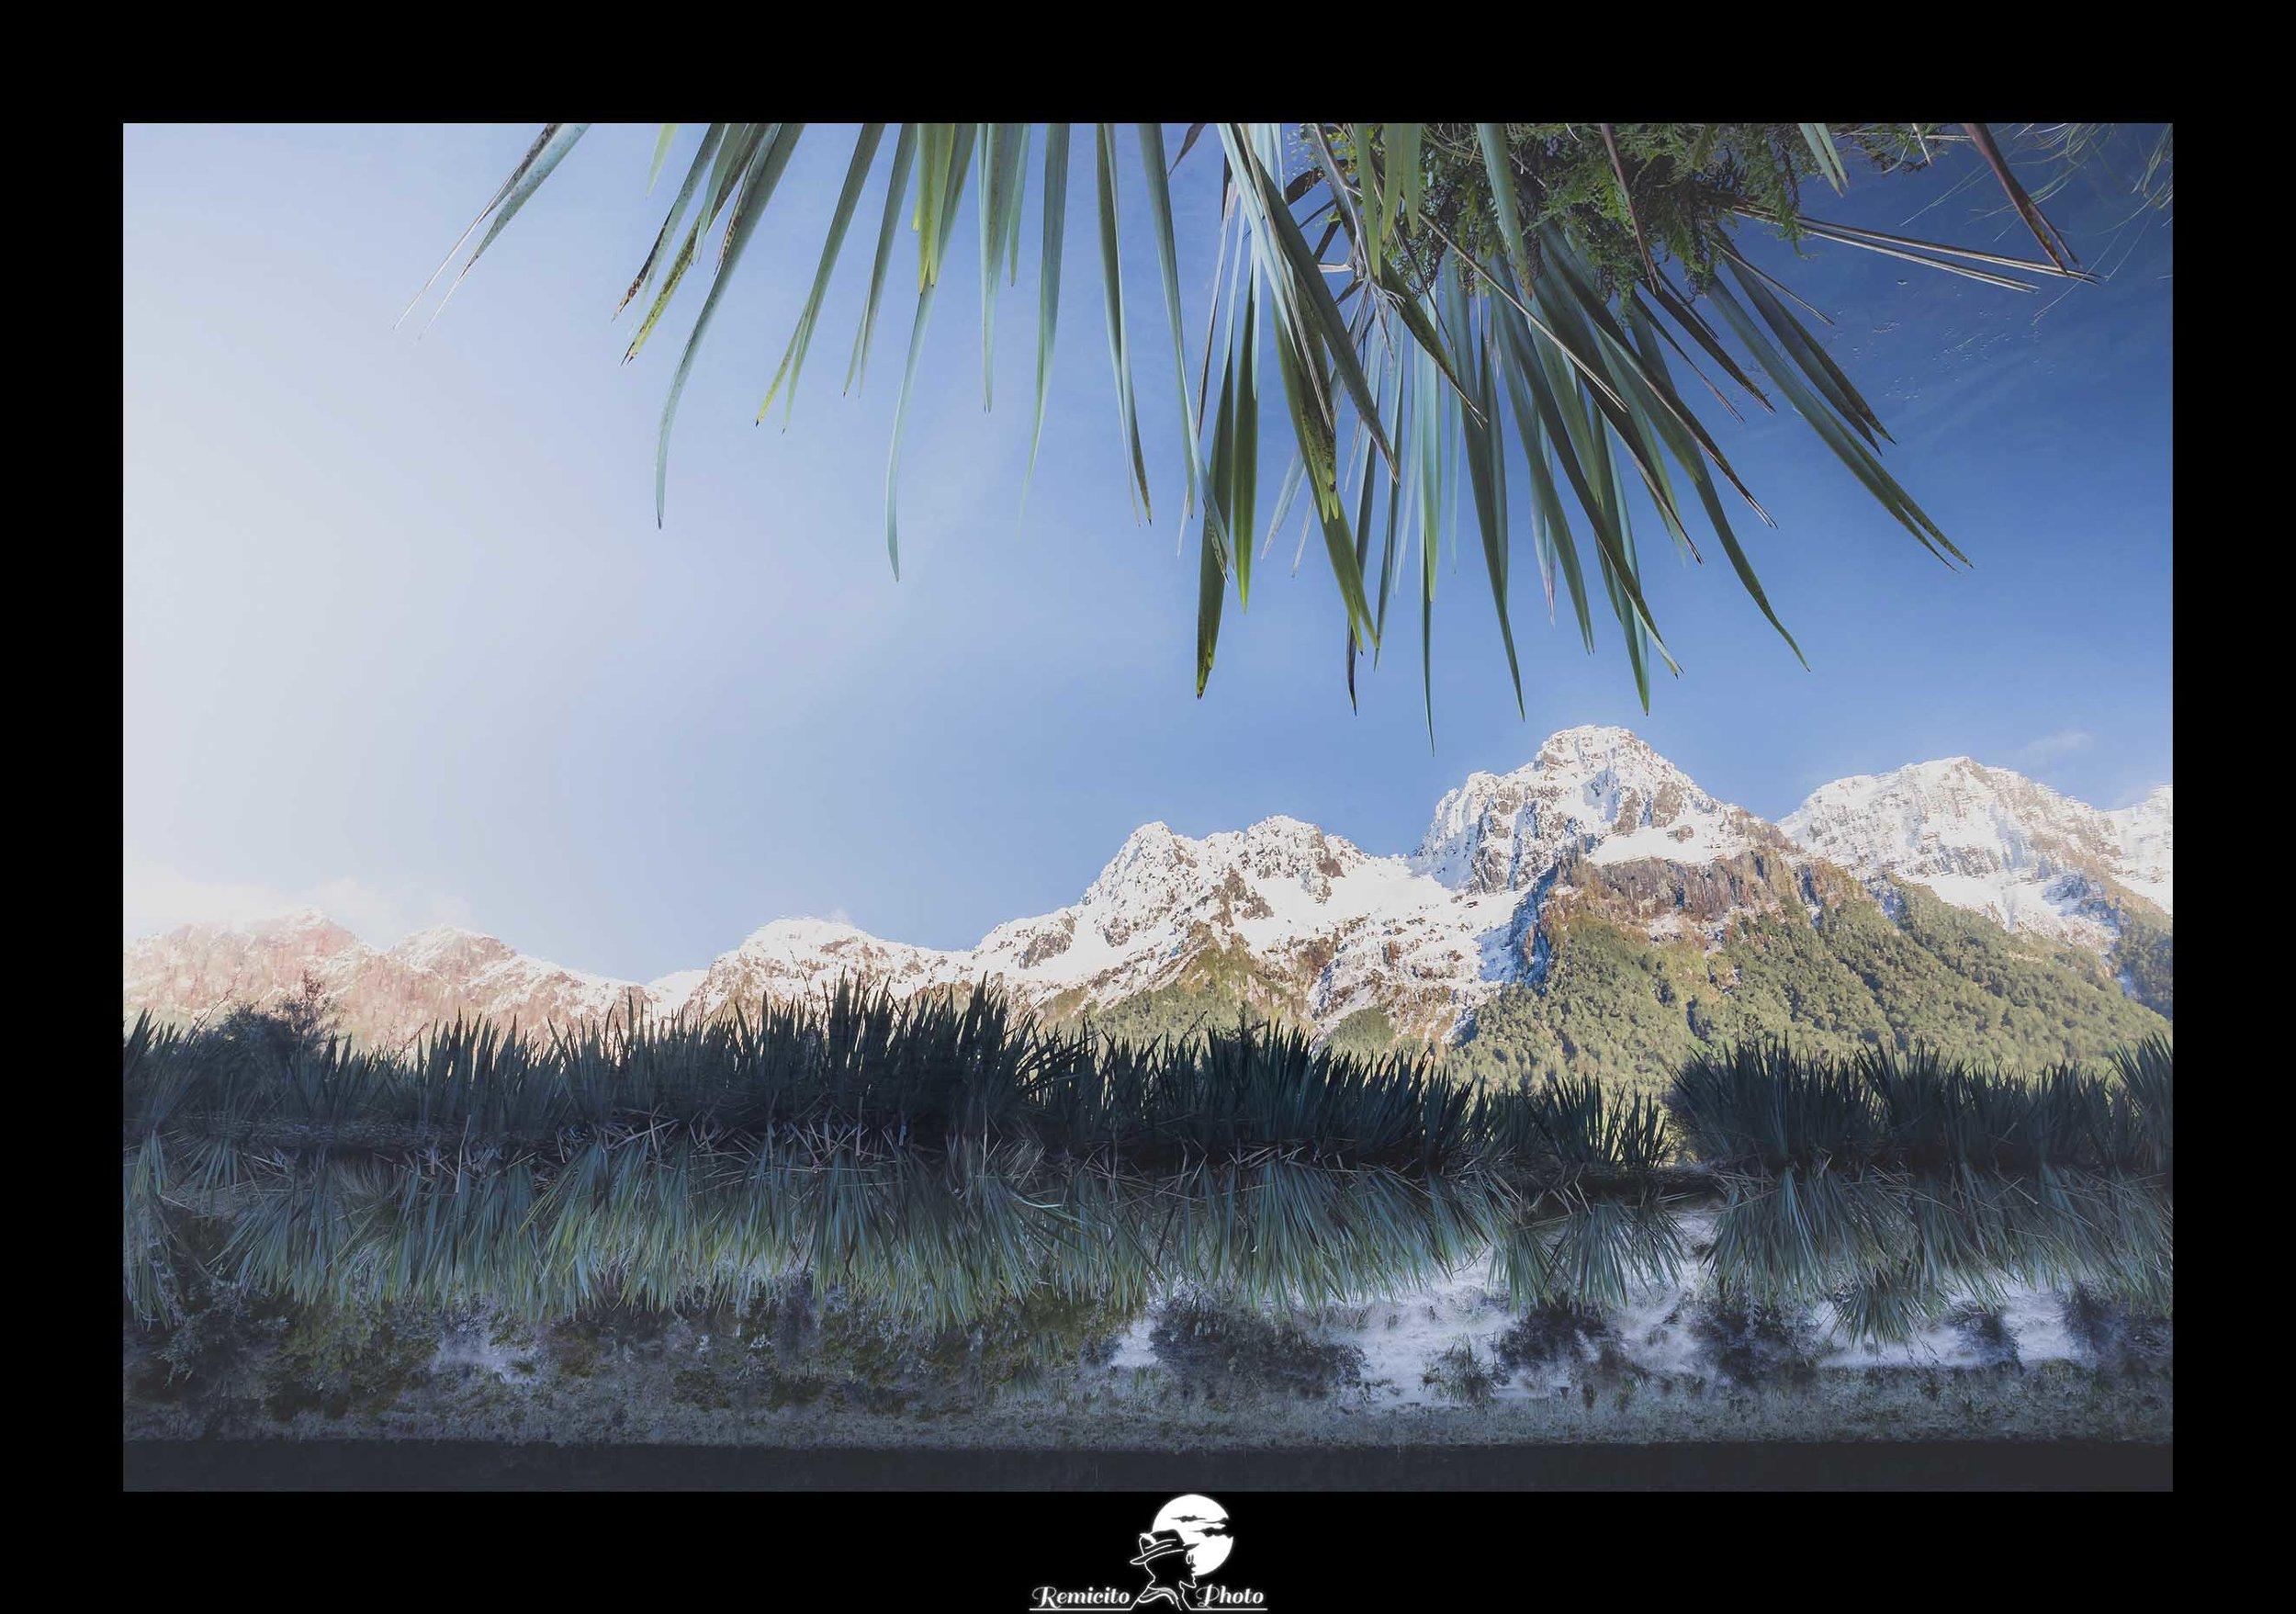 Remicito photo, remicito rémi lacombe photographe paris, belle photo idée cadeau, belle photo lac miroir nouvelle zélande, photo montagne arbres cadeau nature